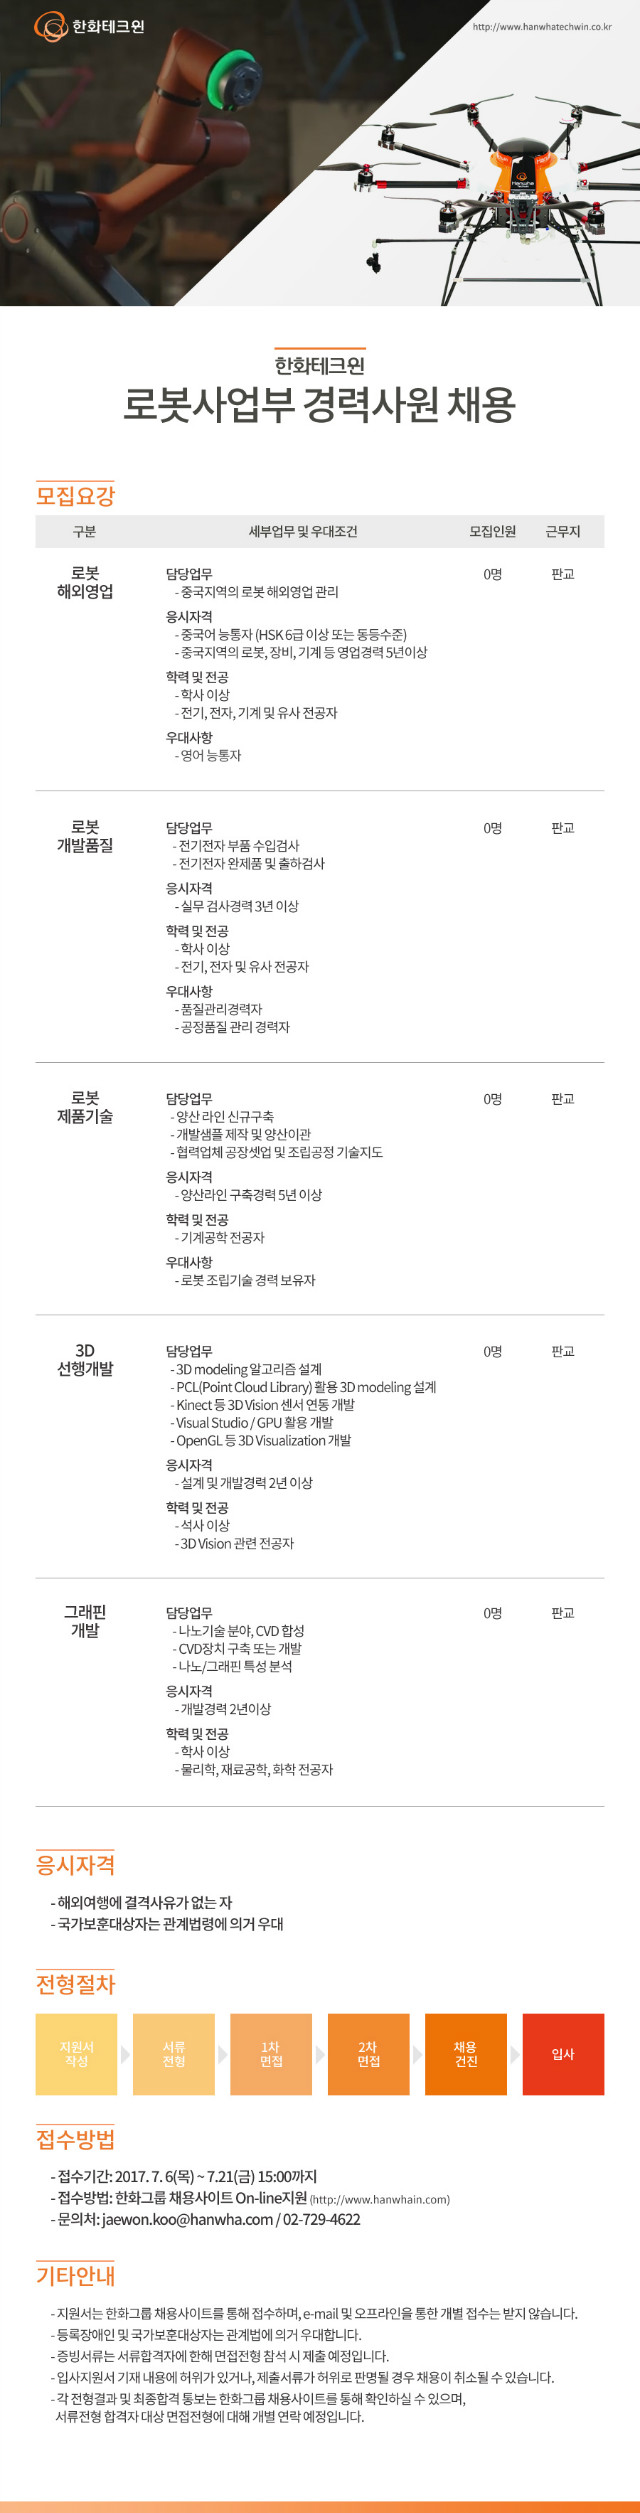 로봇_경력(수정)_1.jpg